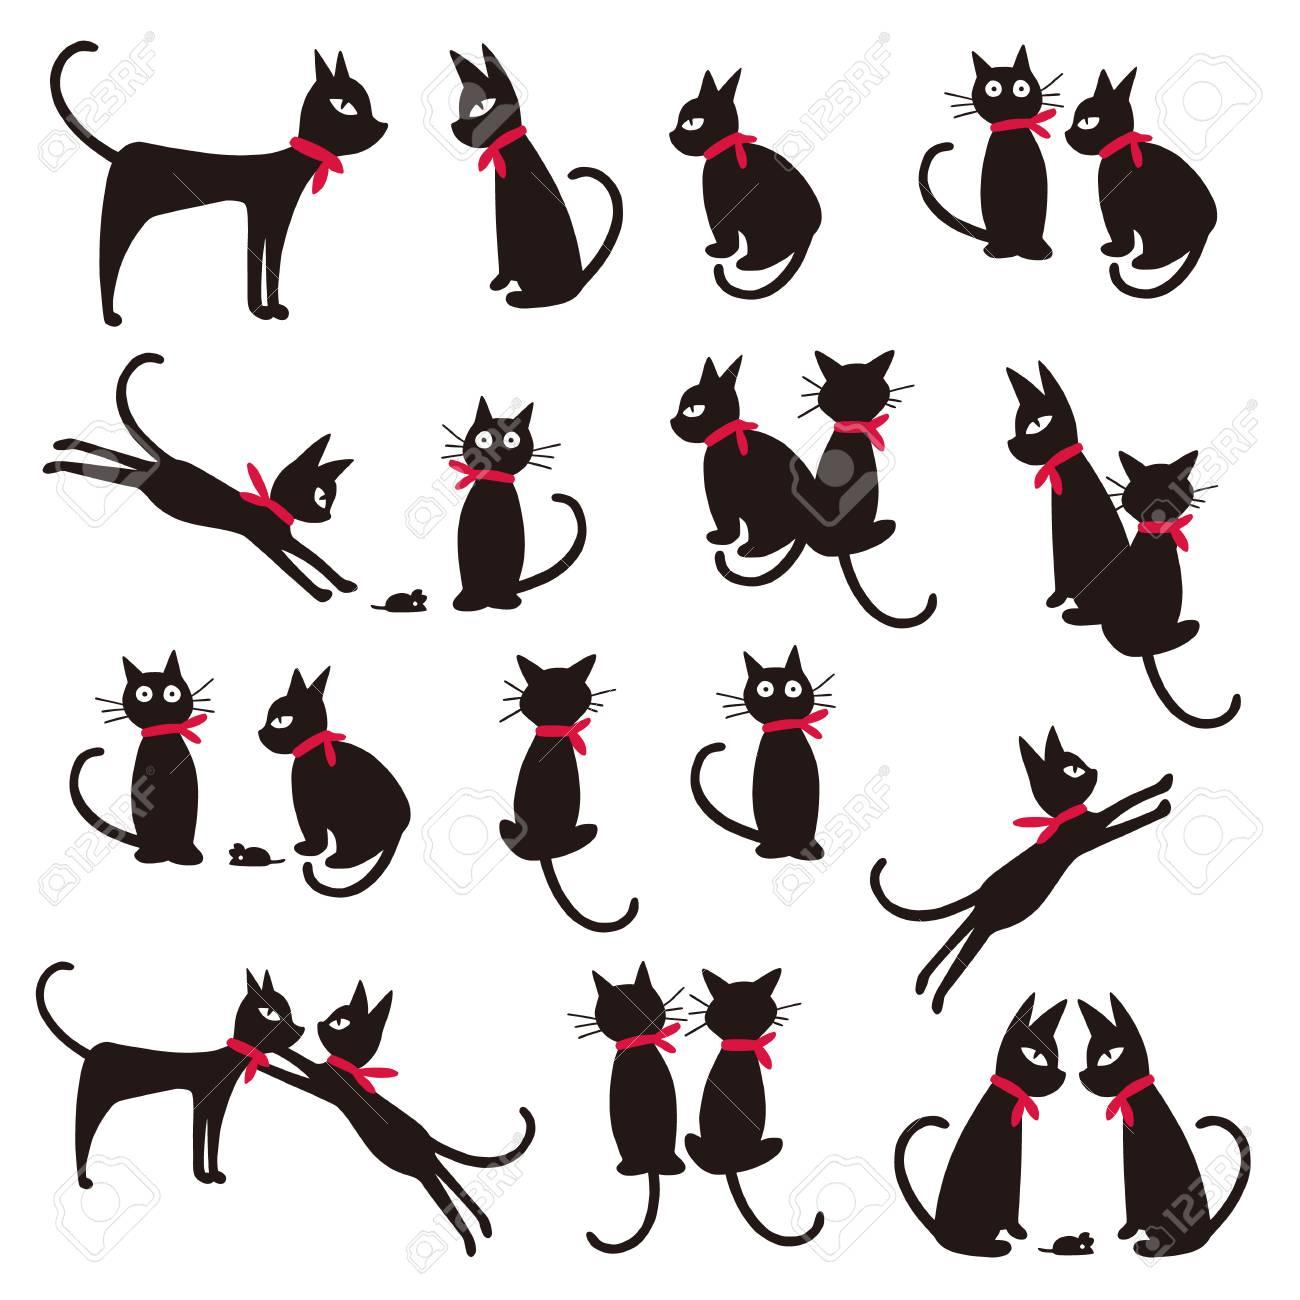 かわいい猫のイラストのイラスト素材 ベクタ Image